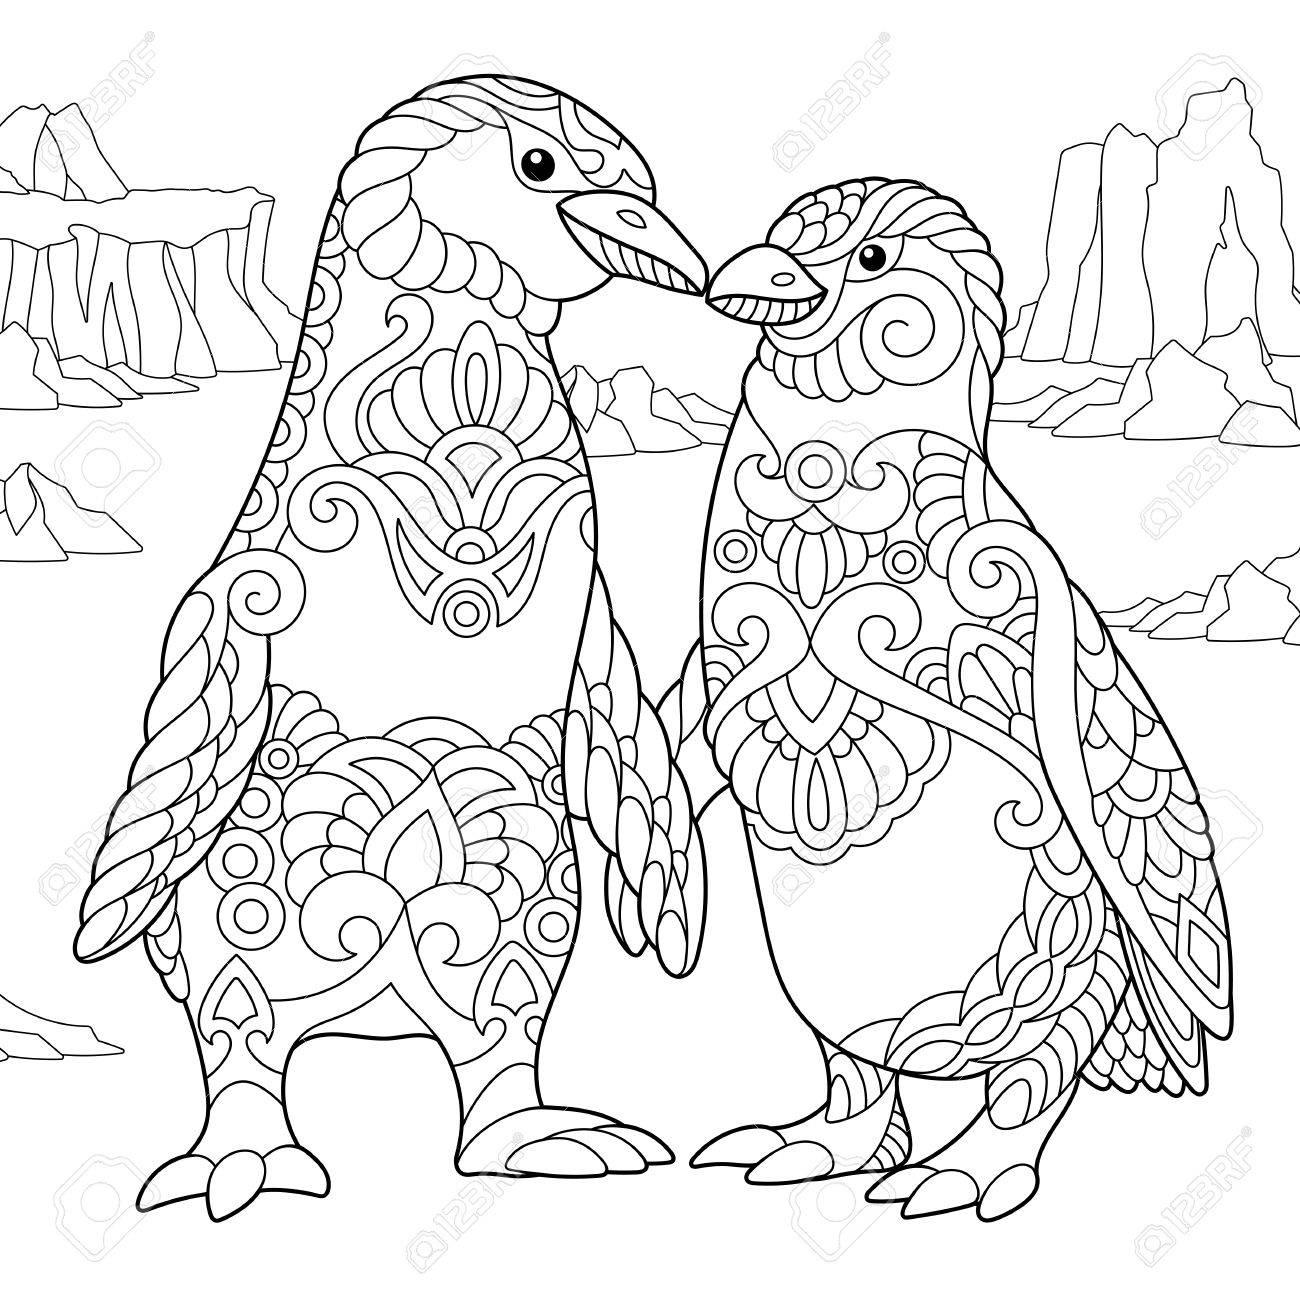 Kleurplaten Dieren Uit De Zee.Kleurplaat Van Keizerspinguins Verliefde Paar Schets Uit De Vrije Hand Voor Adulte Babyslof Kleurboek